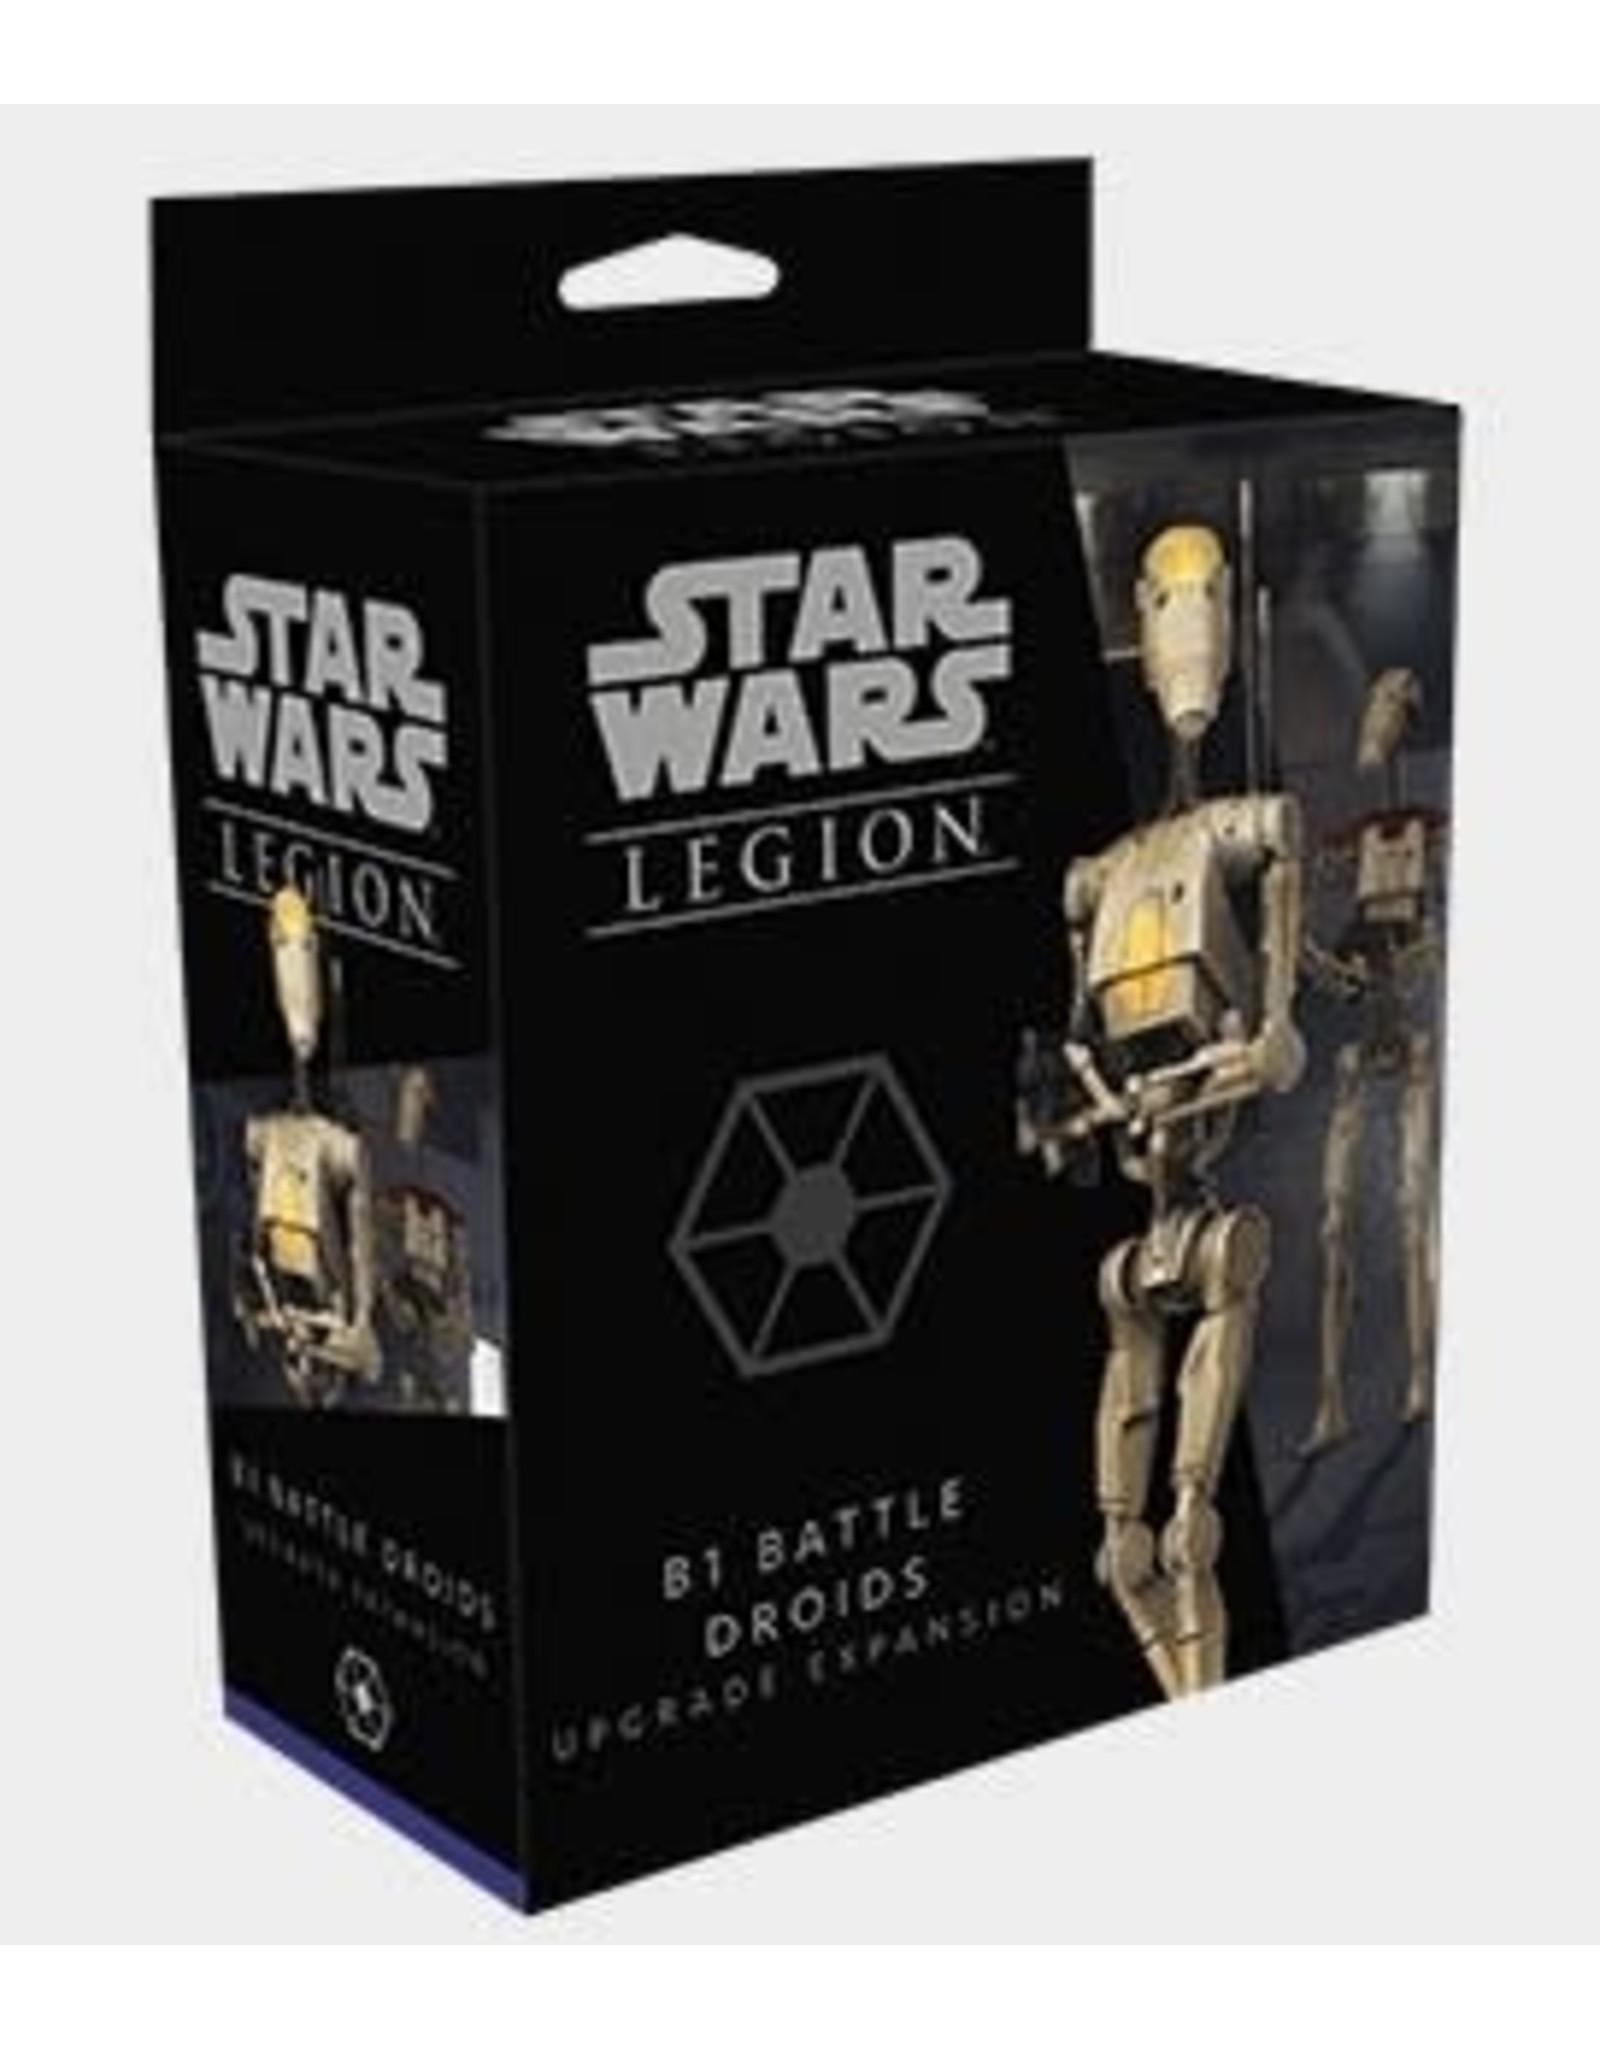 Fantasy Flight Games Star Wars Legion - B1 Battle Droid Upgrade